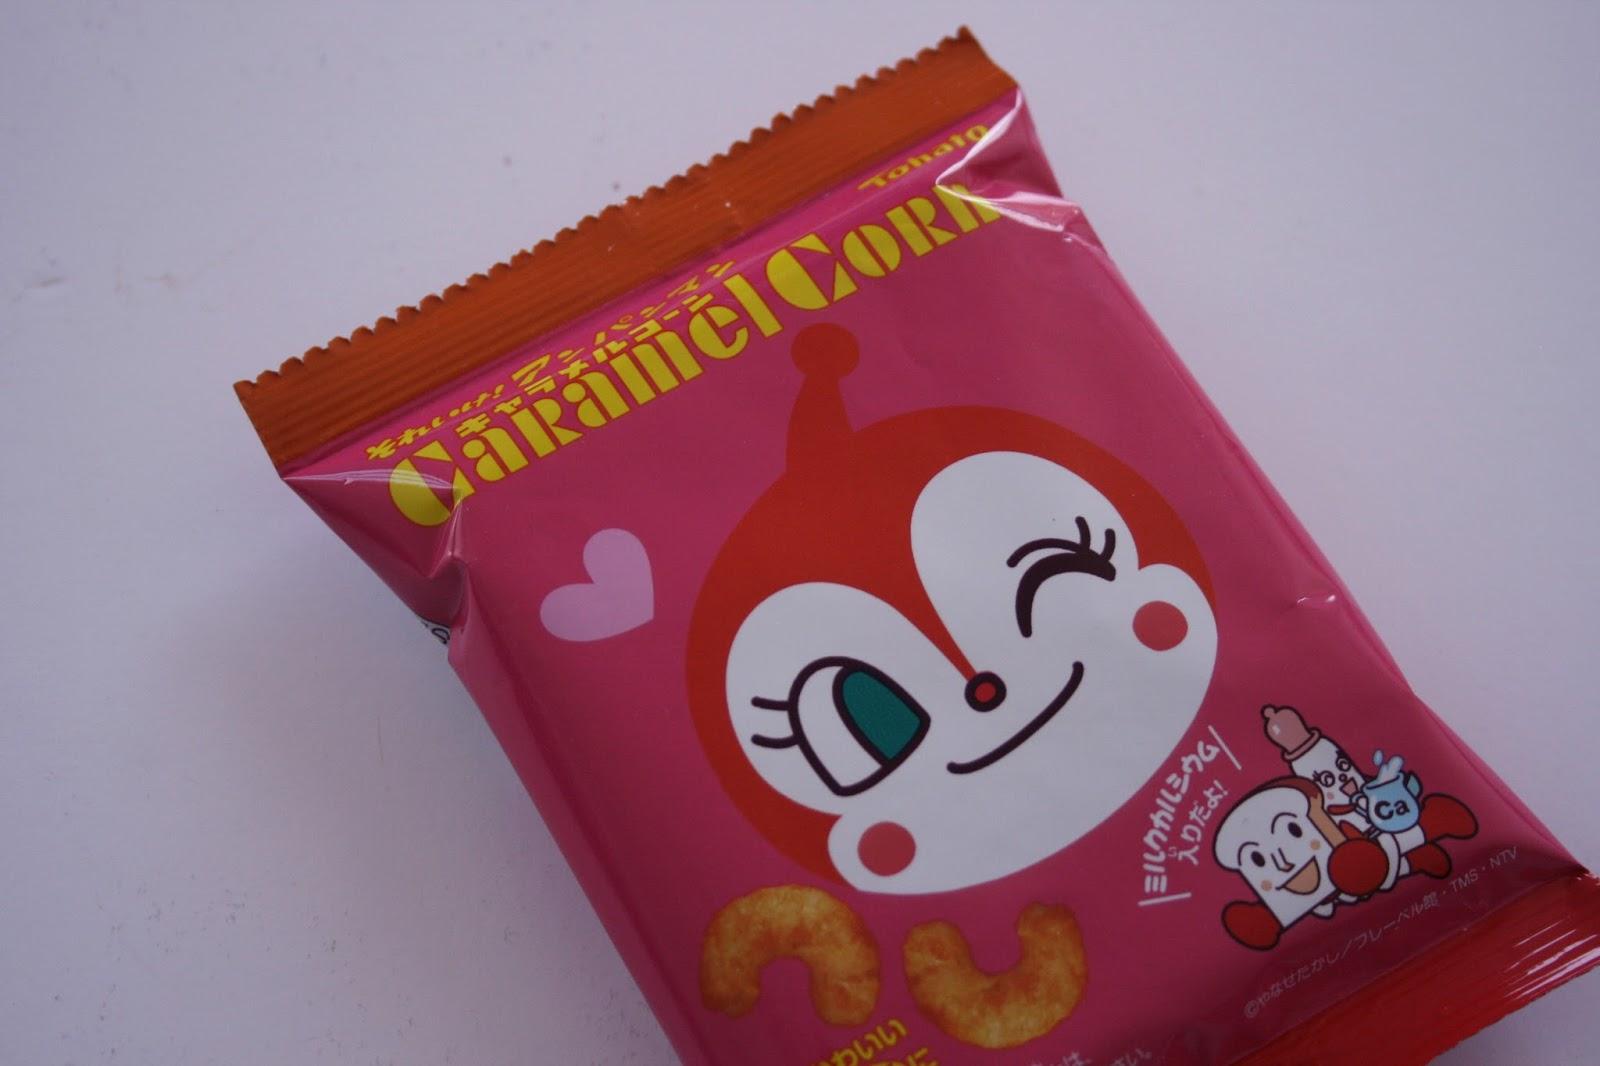 Tohato-Anpanman-Caramel-Corn